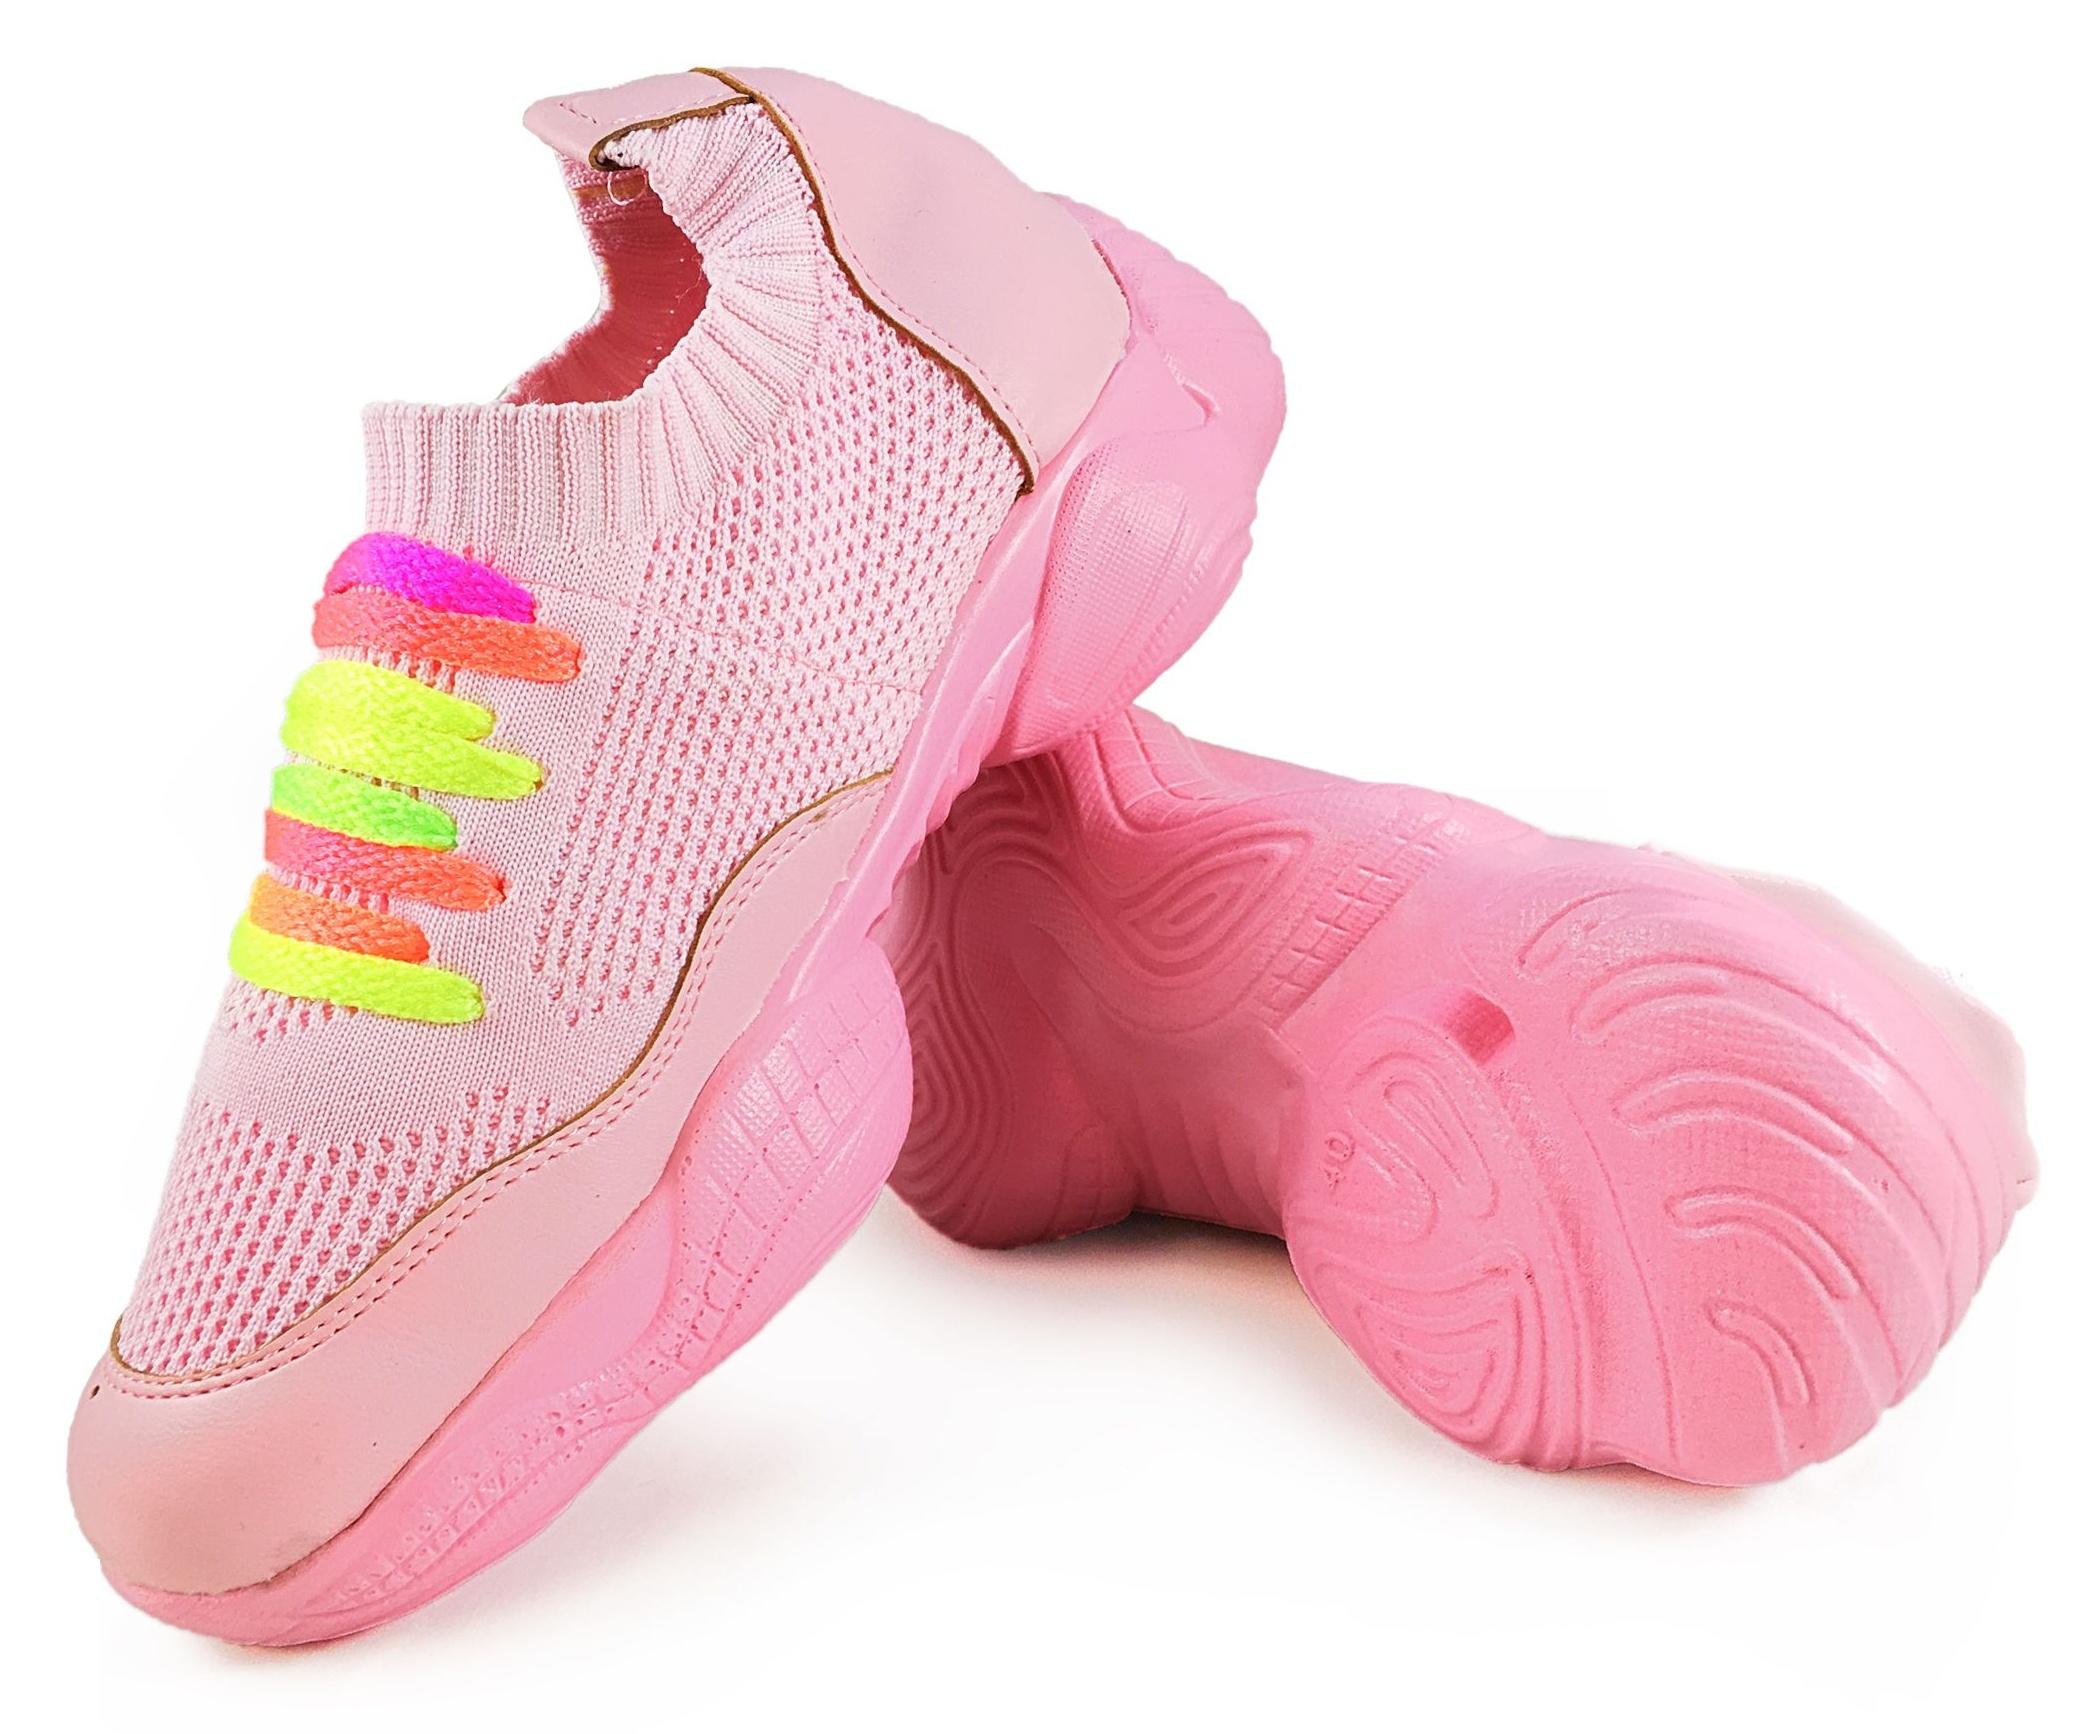 کفش مخصوص پیاده روی زنانه مدل پالوکس کد B5098